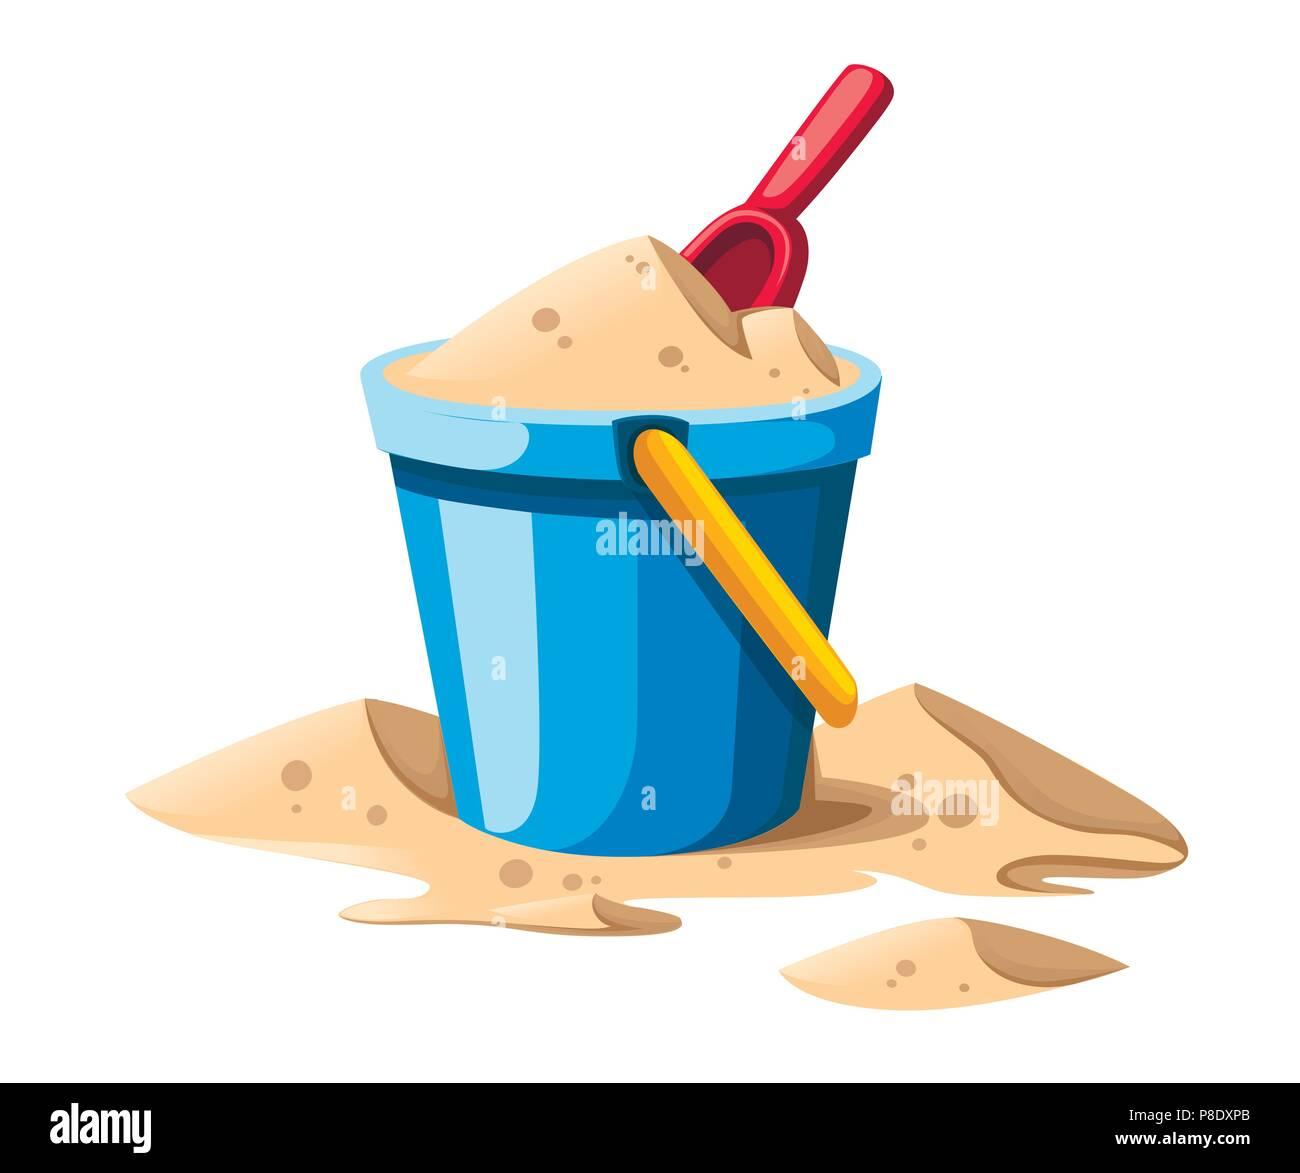 Seau et chat. Dans sable seau bleu avec poignée jaune. Pelle rouge. Jouet pour enfants en plastique coloré. L'icône de l'été. Télévision vector illustration isolé sur whit Photo Stock